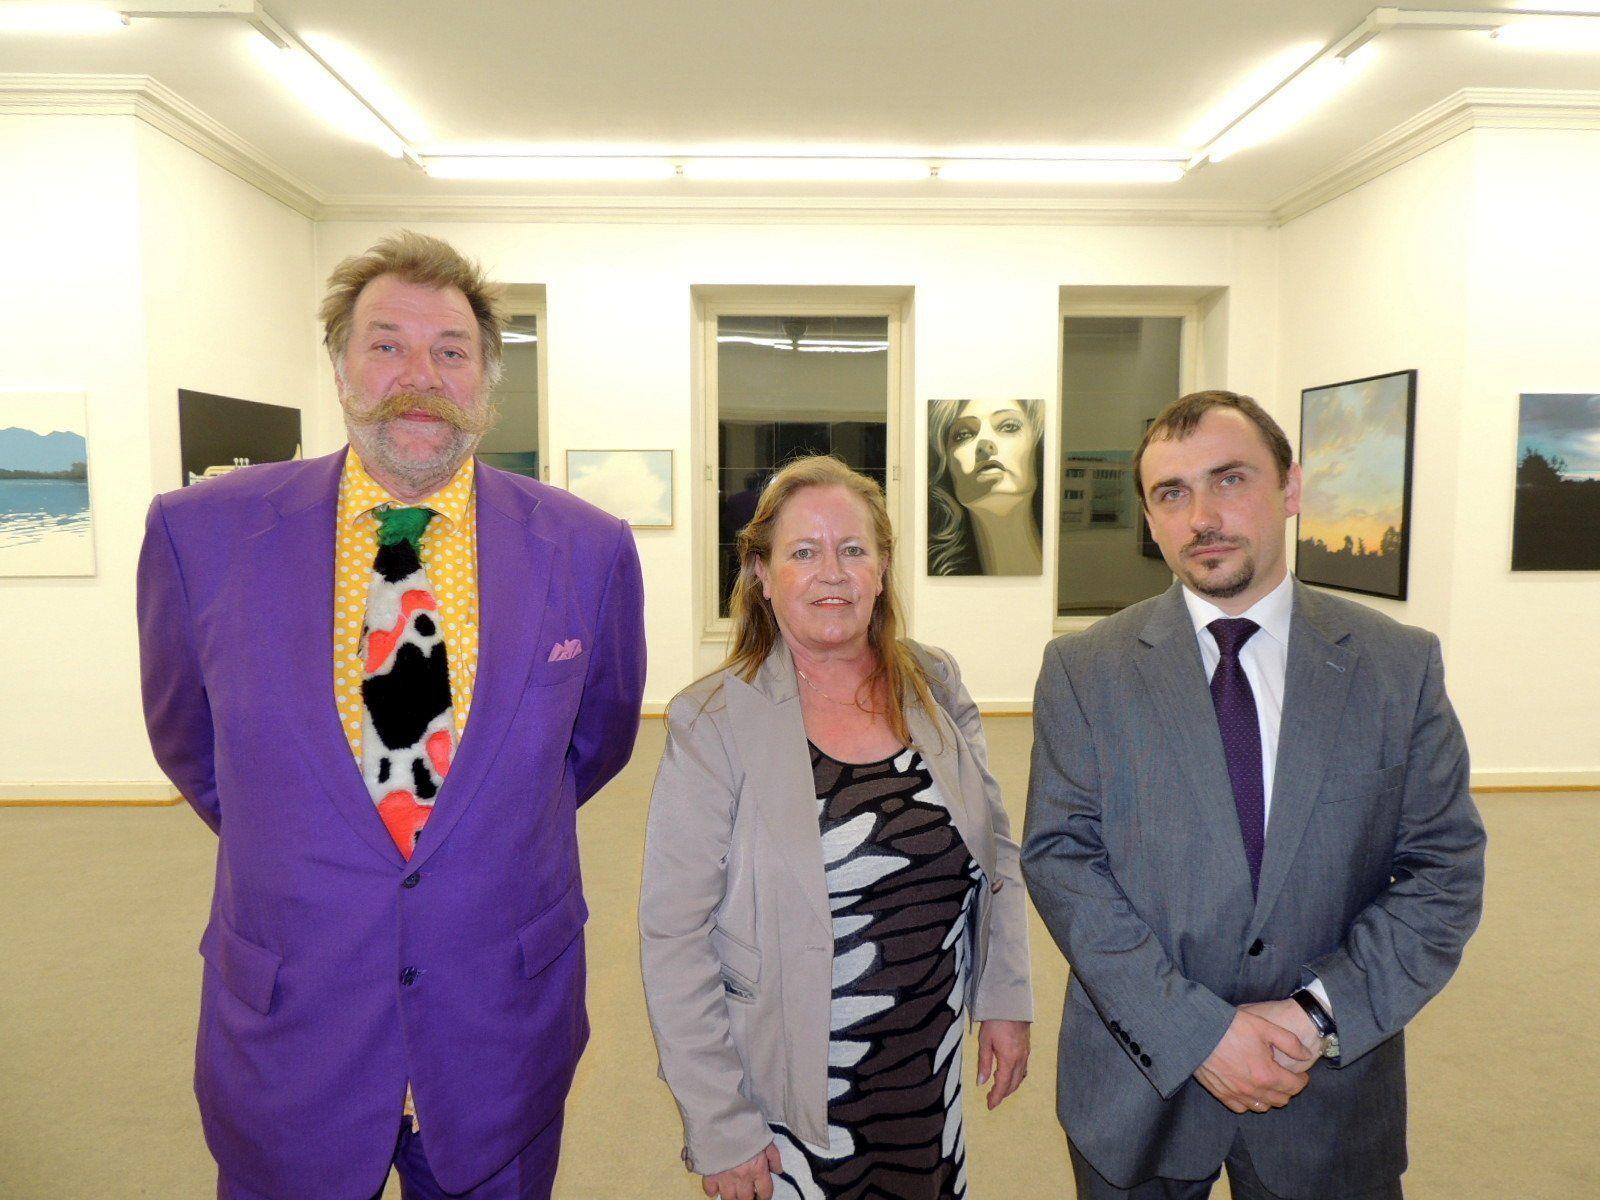 Präsident der Künstlervereinigung Willi Meusburger, Honorarkonsul Marianne Mathis und Botschaftsrat Andrei Yaroshkin organisierten die Teilnahme junger belarussischer Videokünstler